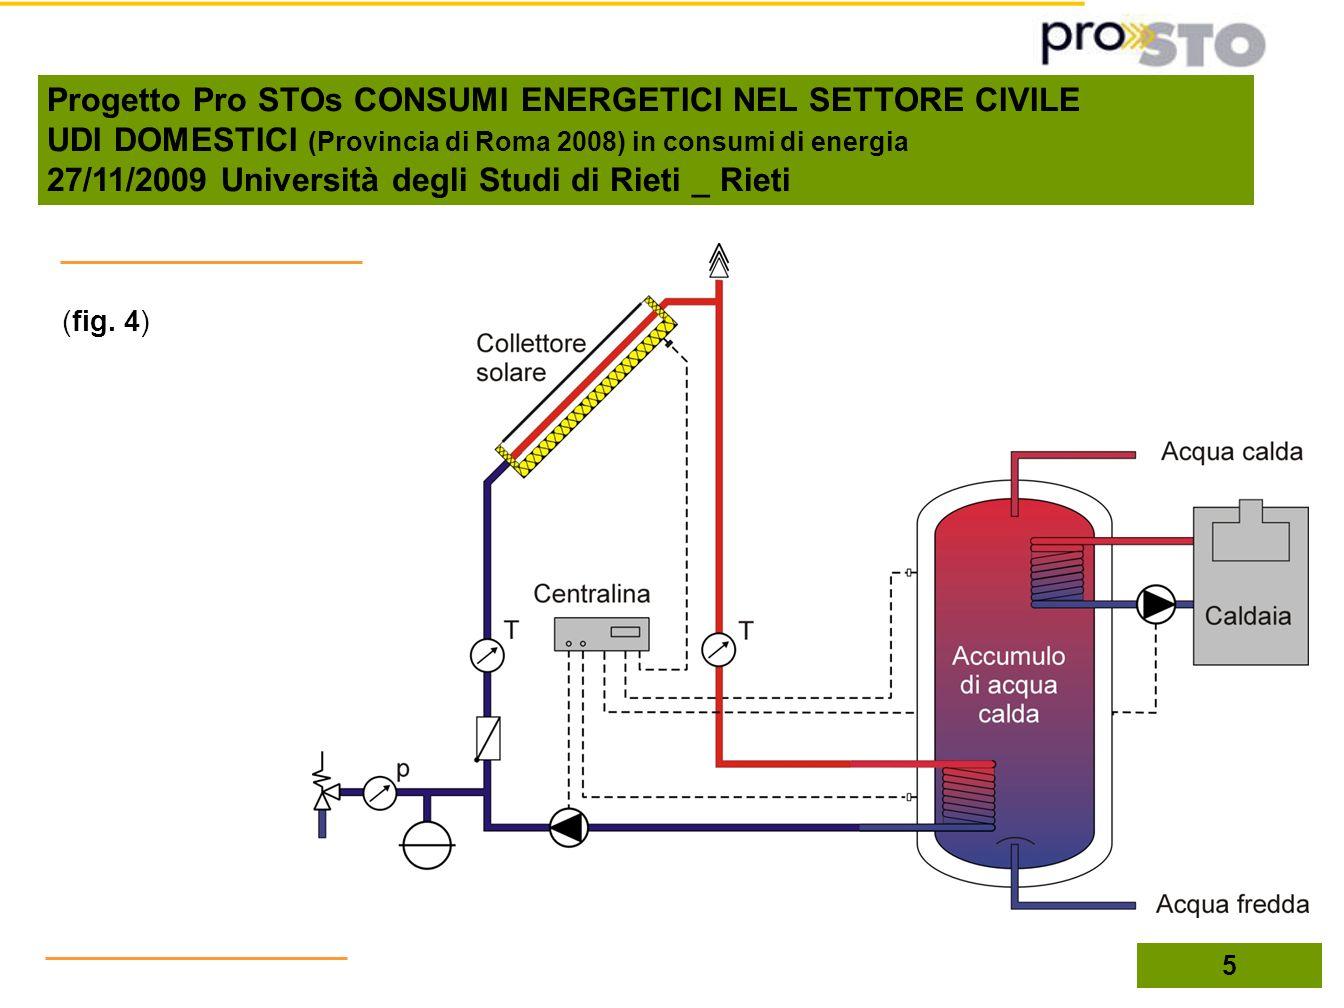 (fig. 4) 5 Progetto Pro STOs CONSUMI ENERGETICI NEL SETTORE CIVILE UDI DOMESTICI (Provincia di Roma 2008) in consumi di energia 27/11/2009 Università